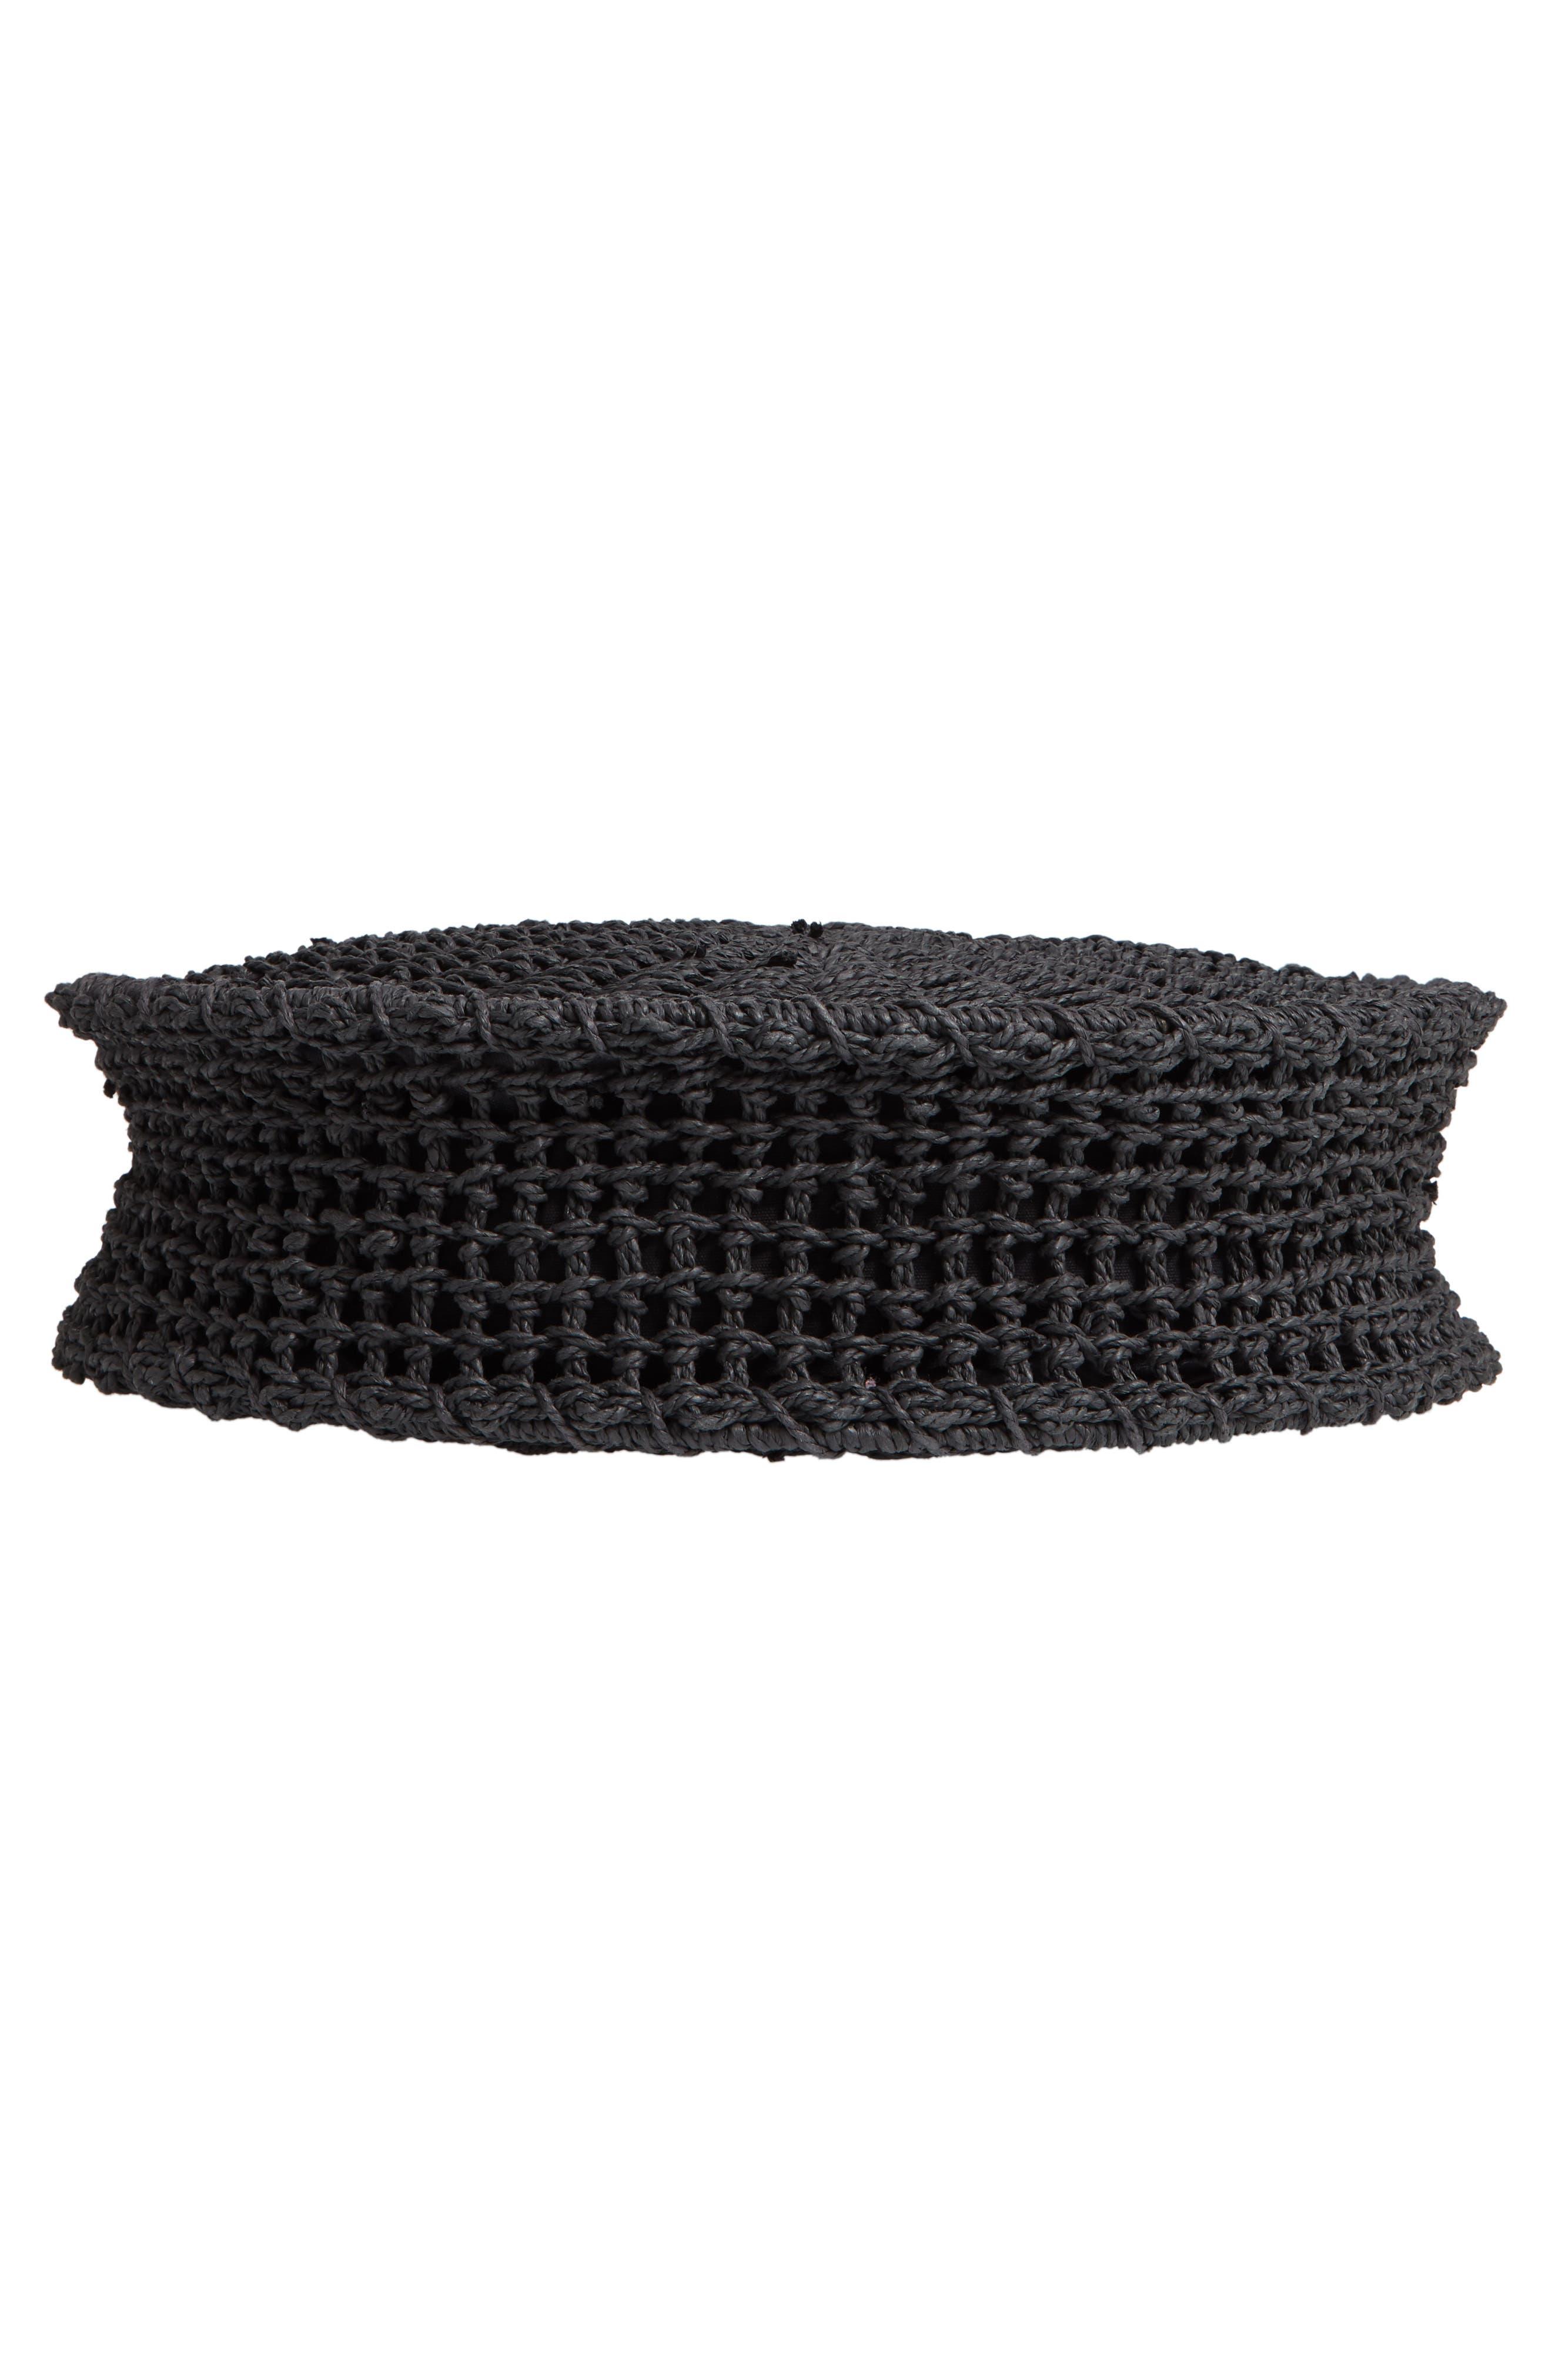 Bella Straw Circle Tote Handbag,                             Alternate thumbnail 6, color,                             BLACK